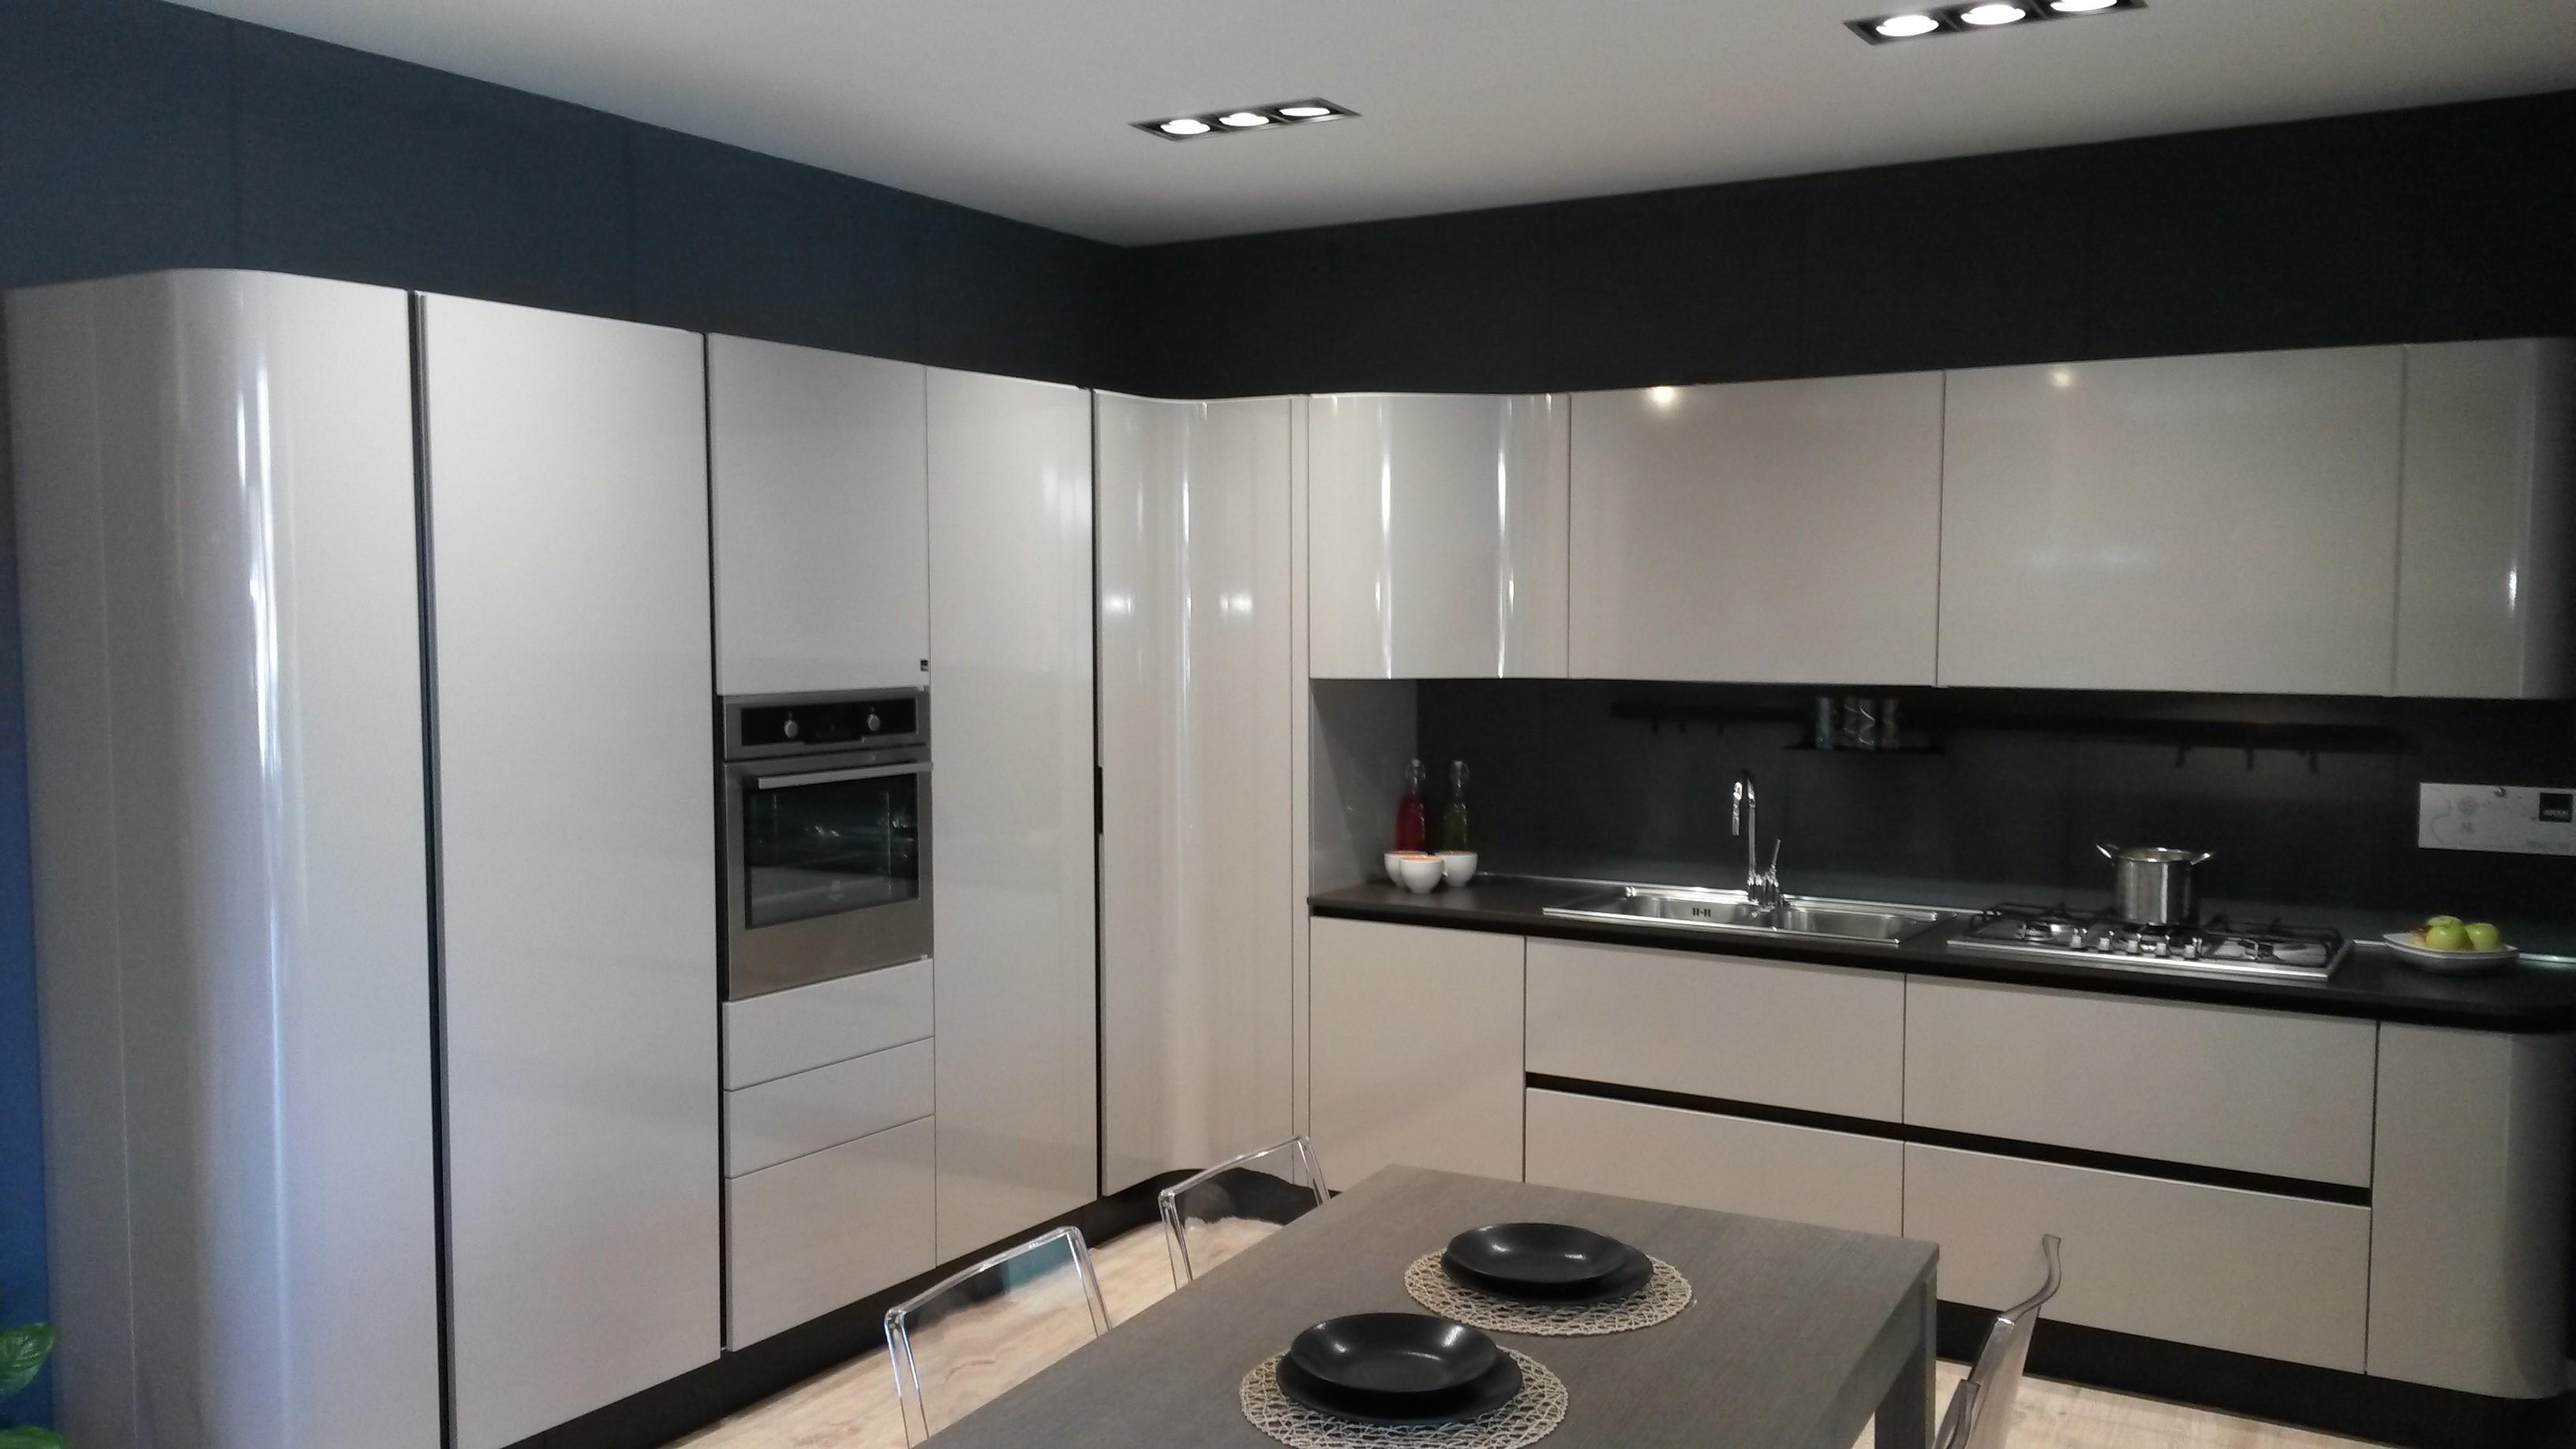 cucine moderne e classiche a prezzi convenienti. cucine componibili » cucine ...